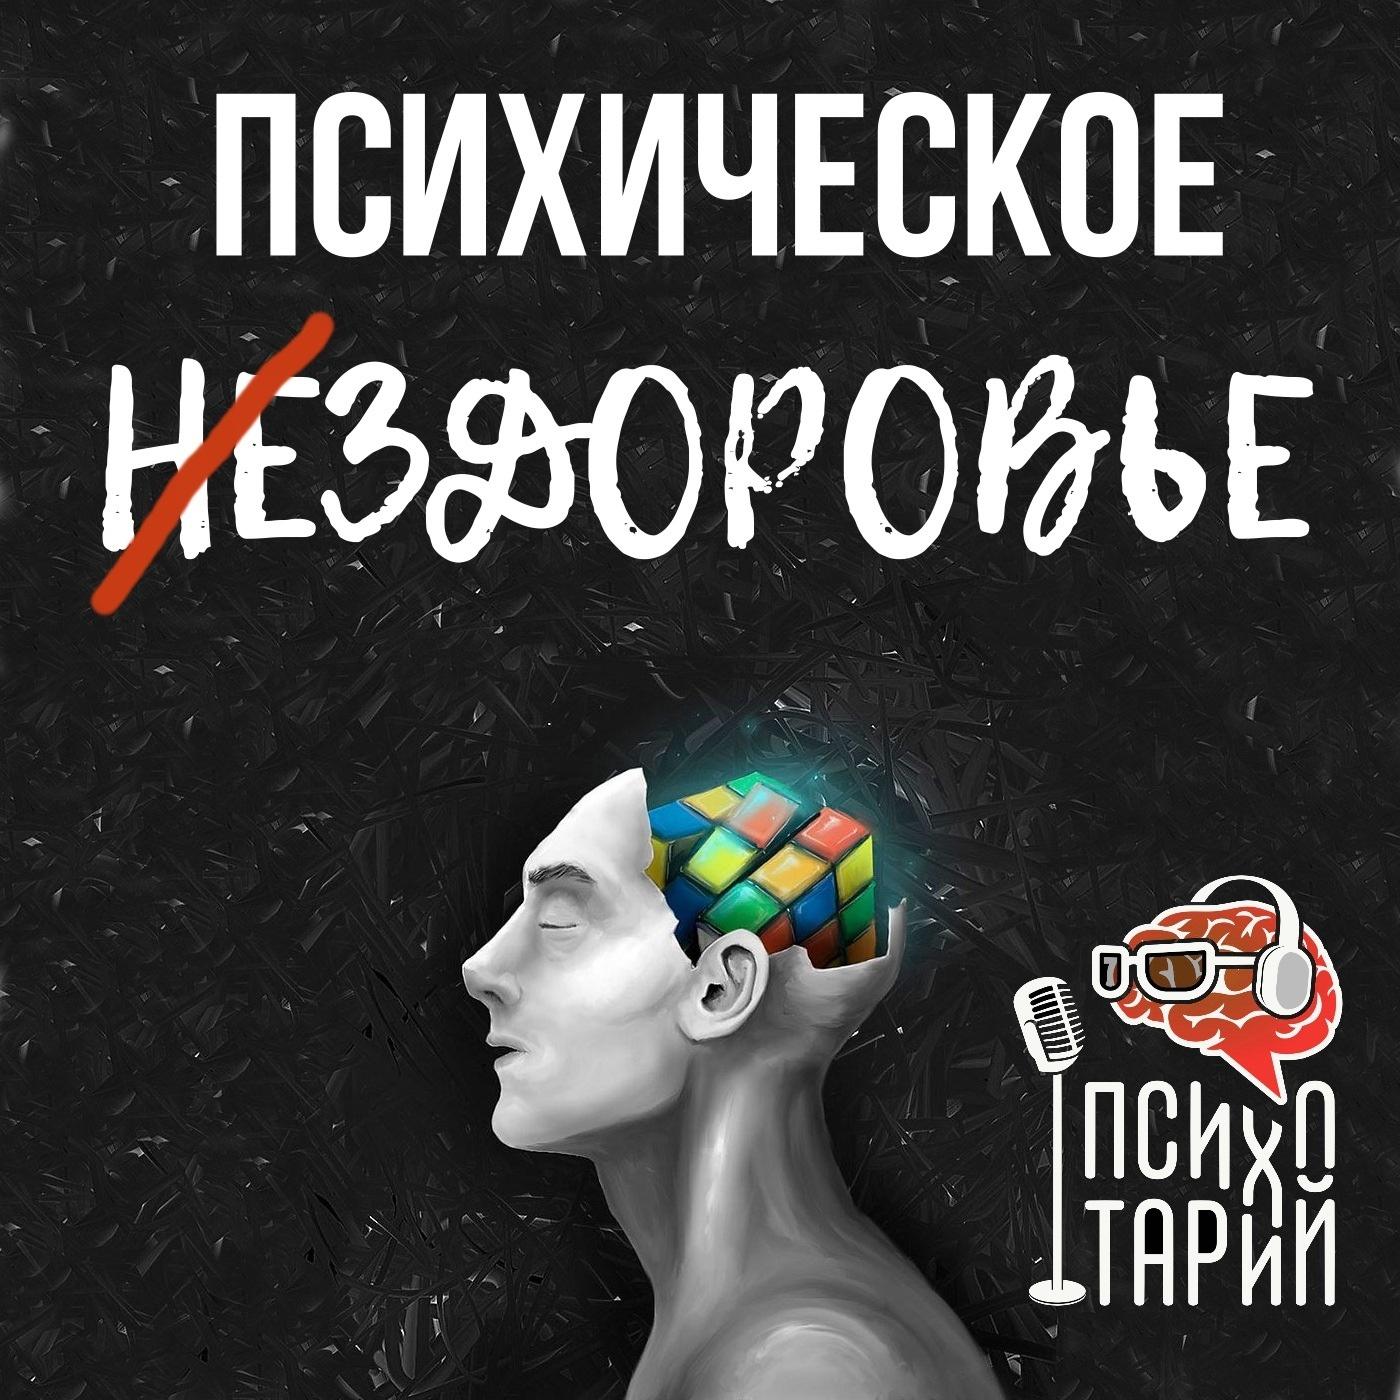 Психотарий Подкаст#22 - Психическое здоровье